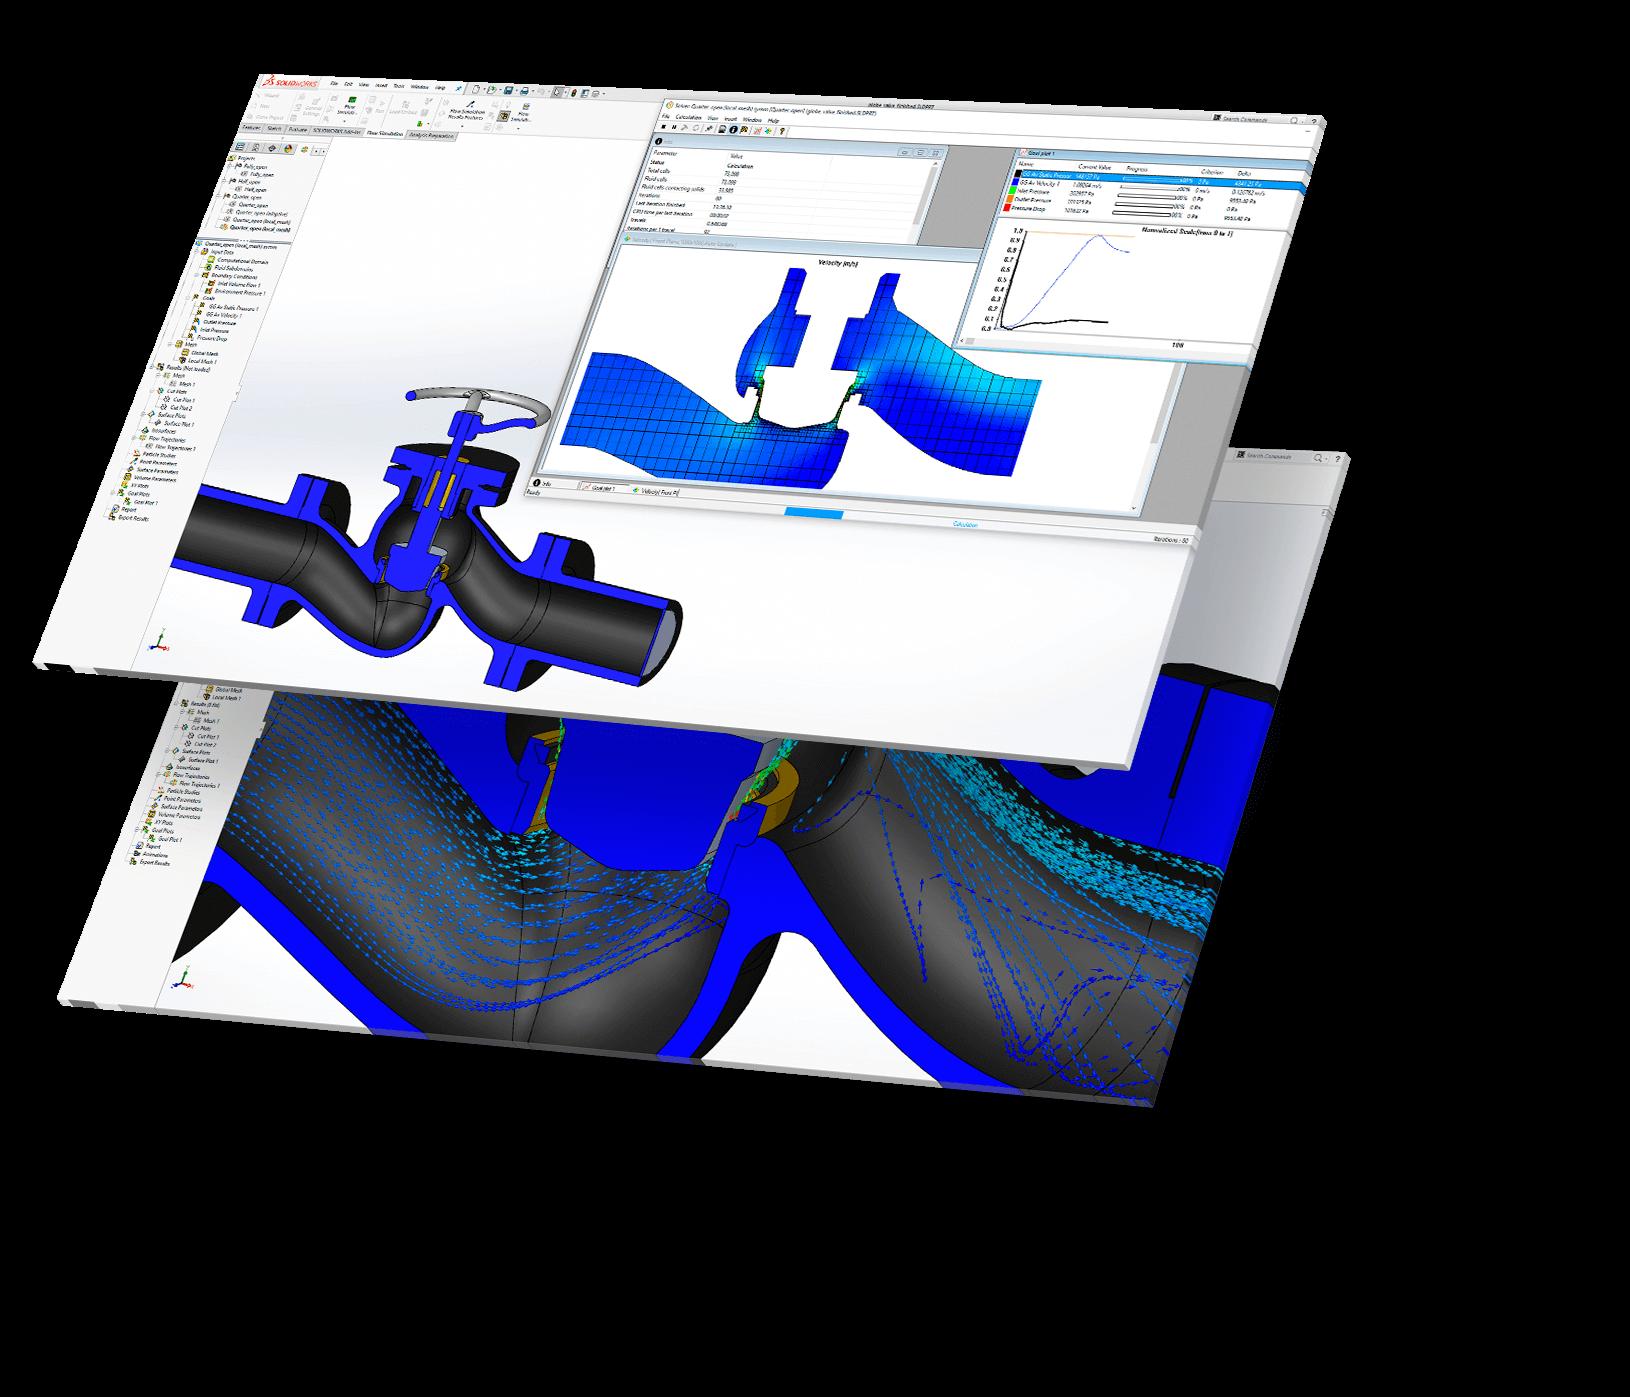 Solidworks flow simulation - Kontakt Teamworks for tilbud